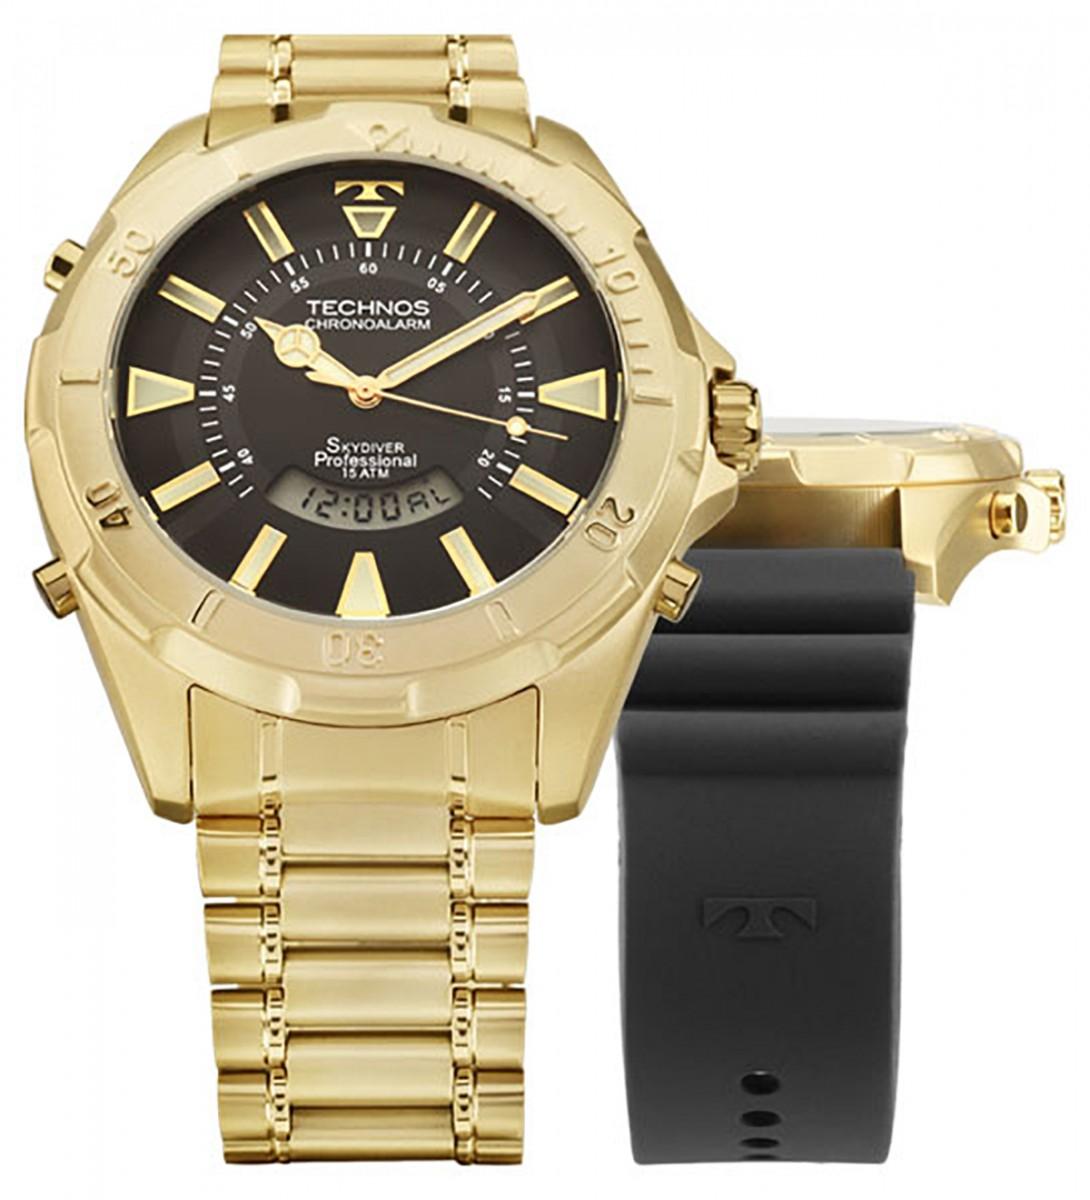 Compre Relógio Technos Skydiver - Edição comemorativa 30 anos em 10X ... a6542b81d7